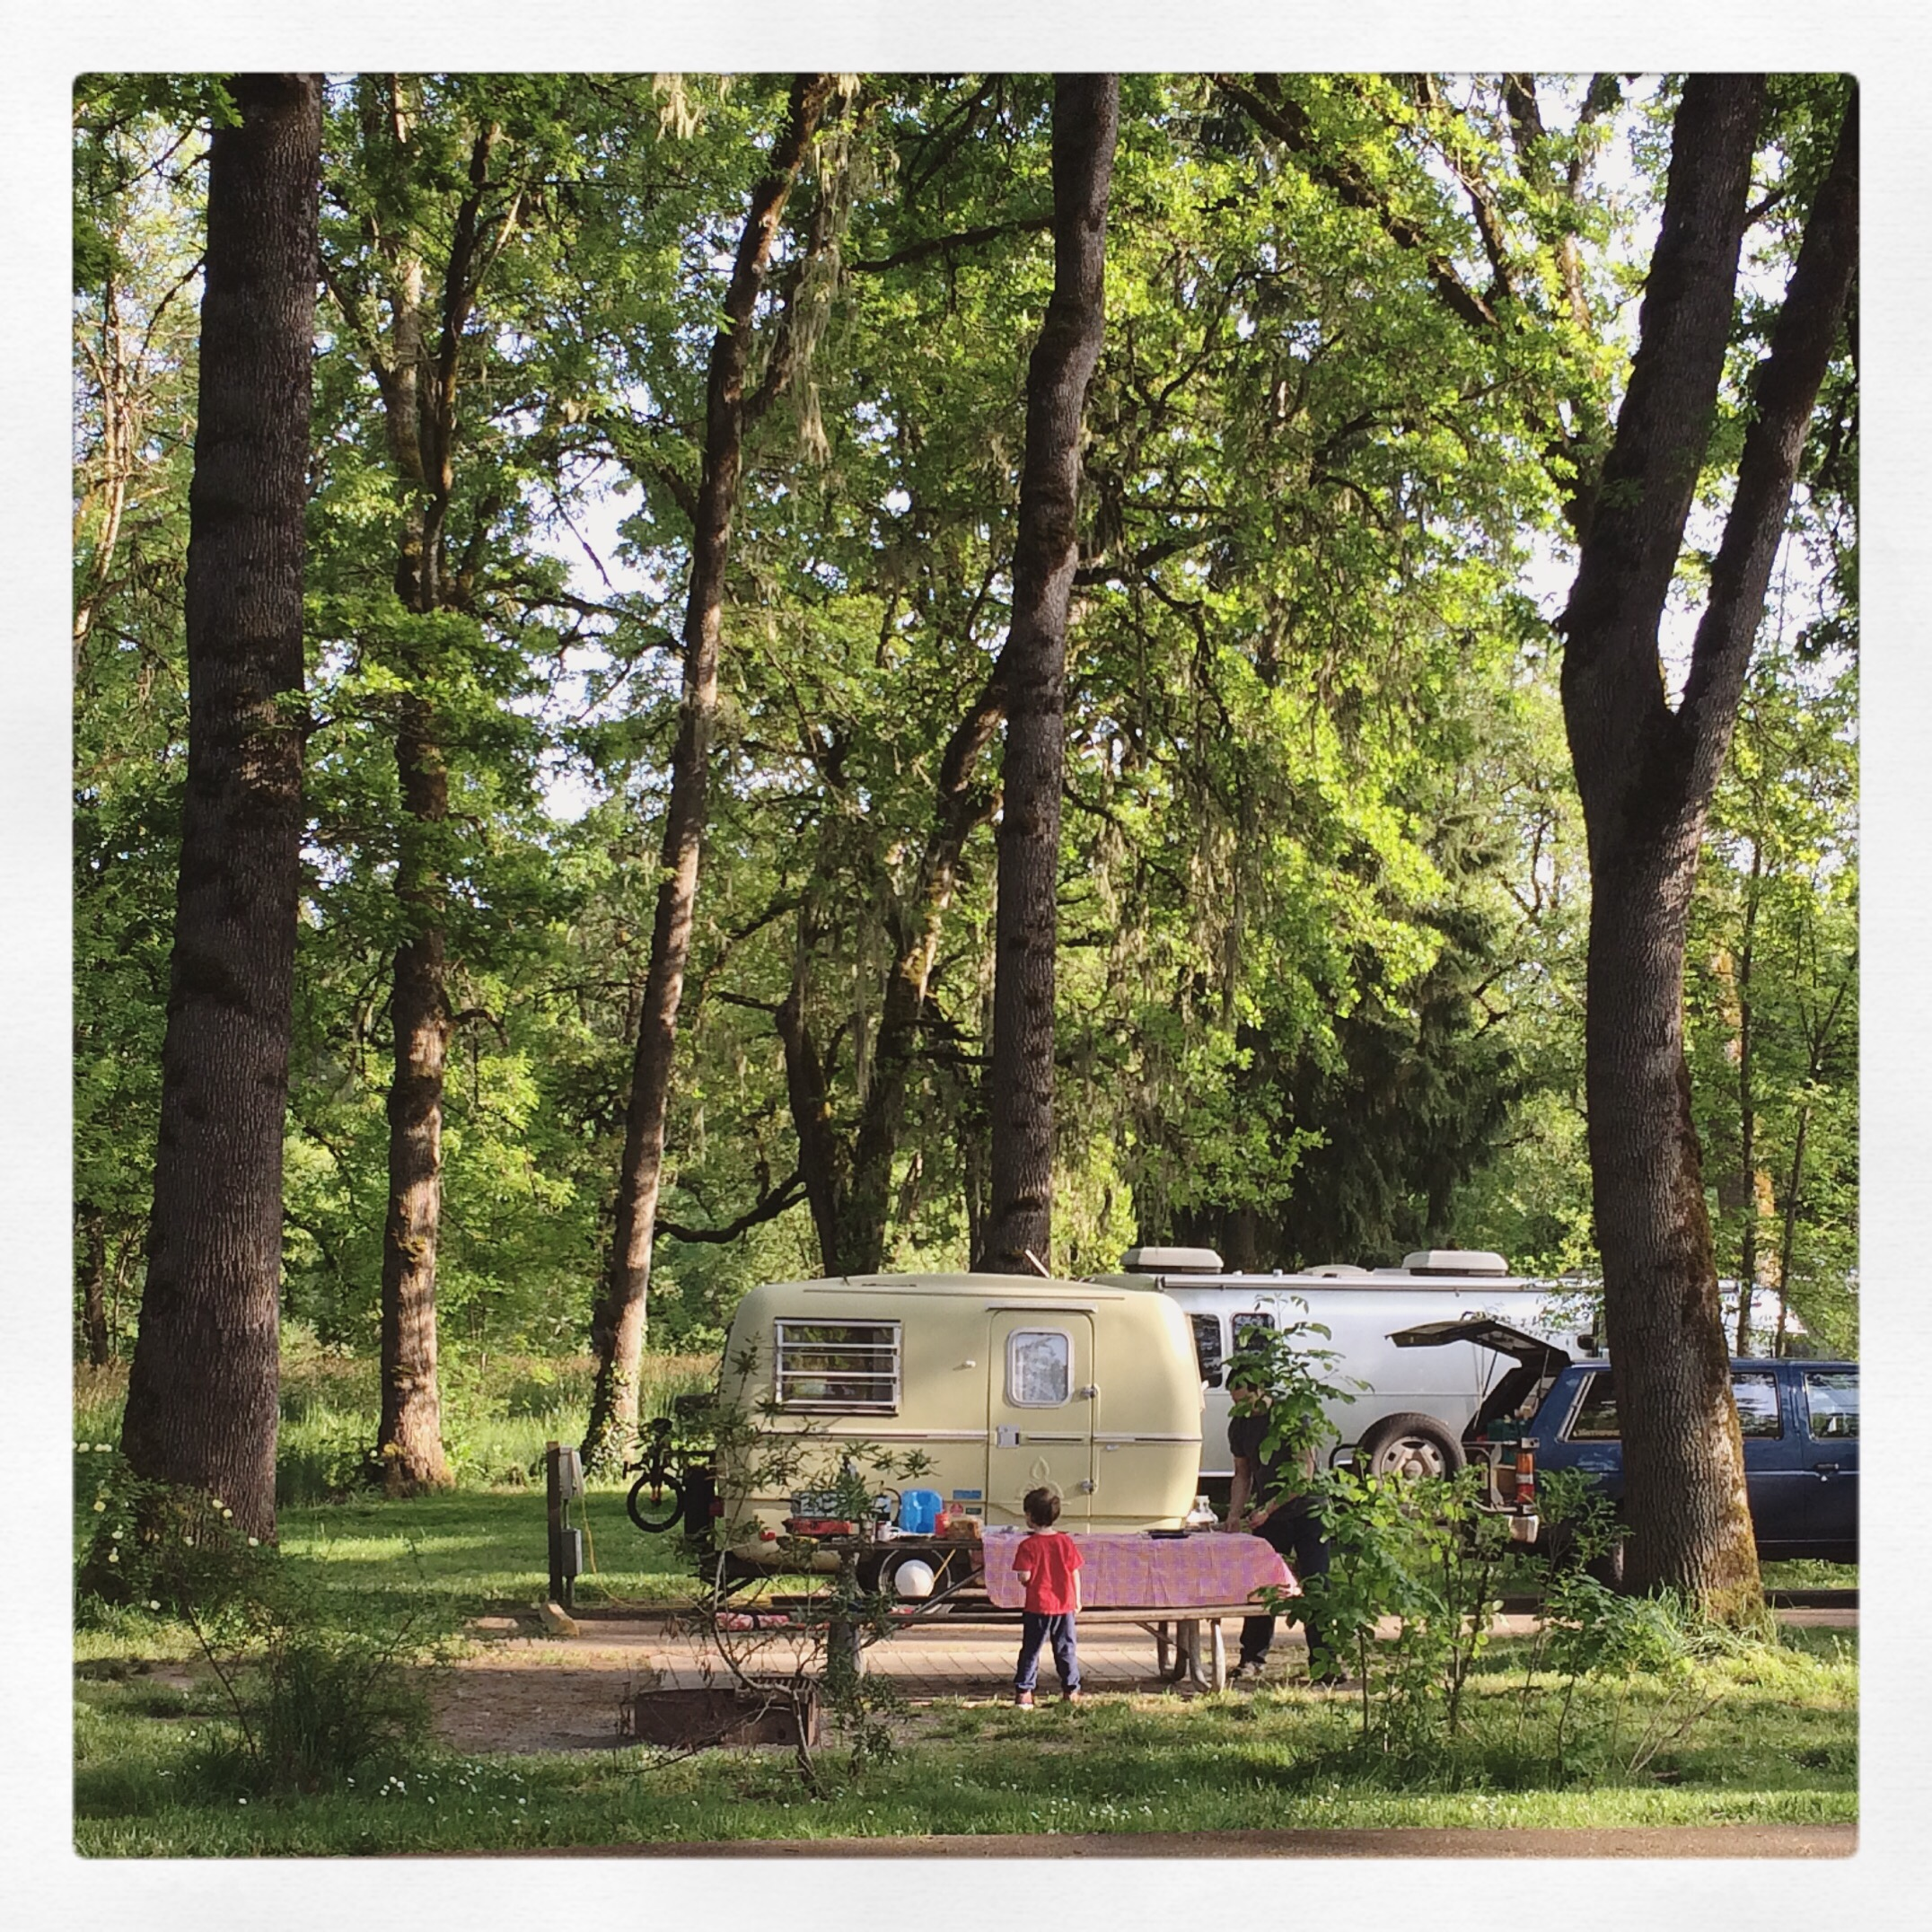 vintage caravan camping setup